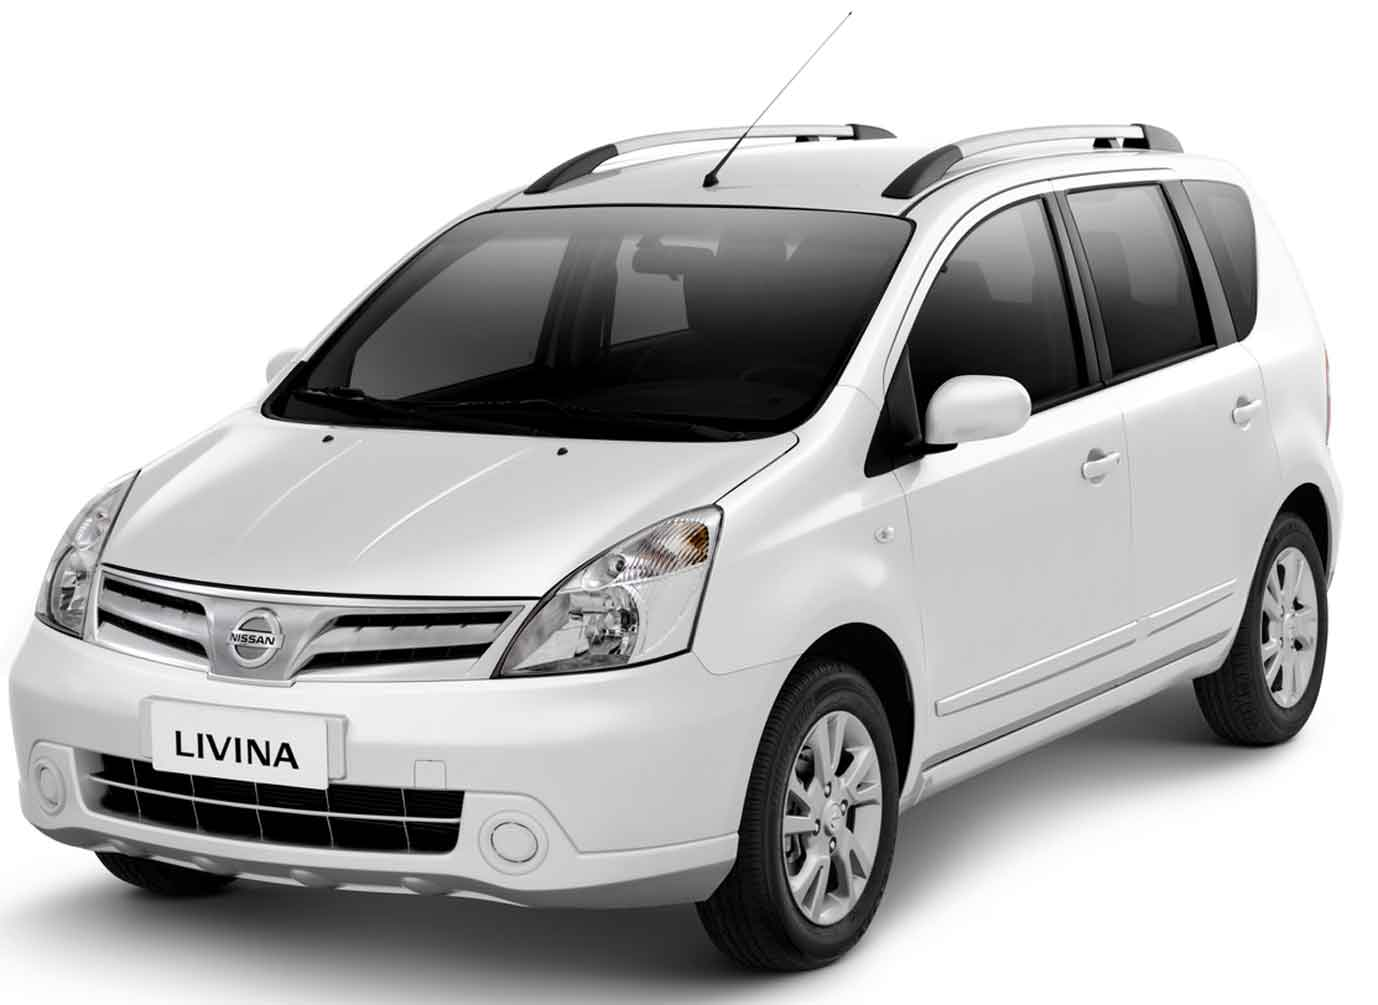 novo Nissan Livina 2014 frente